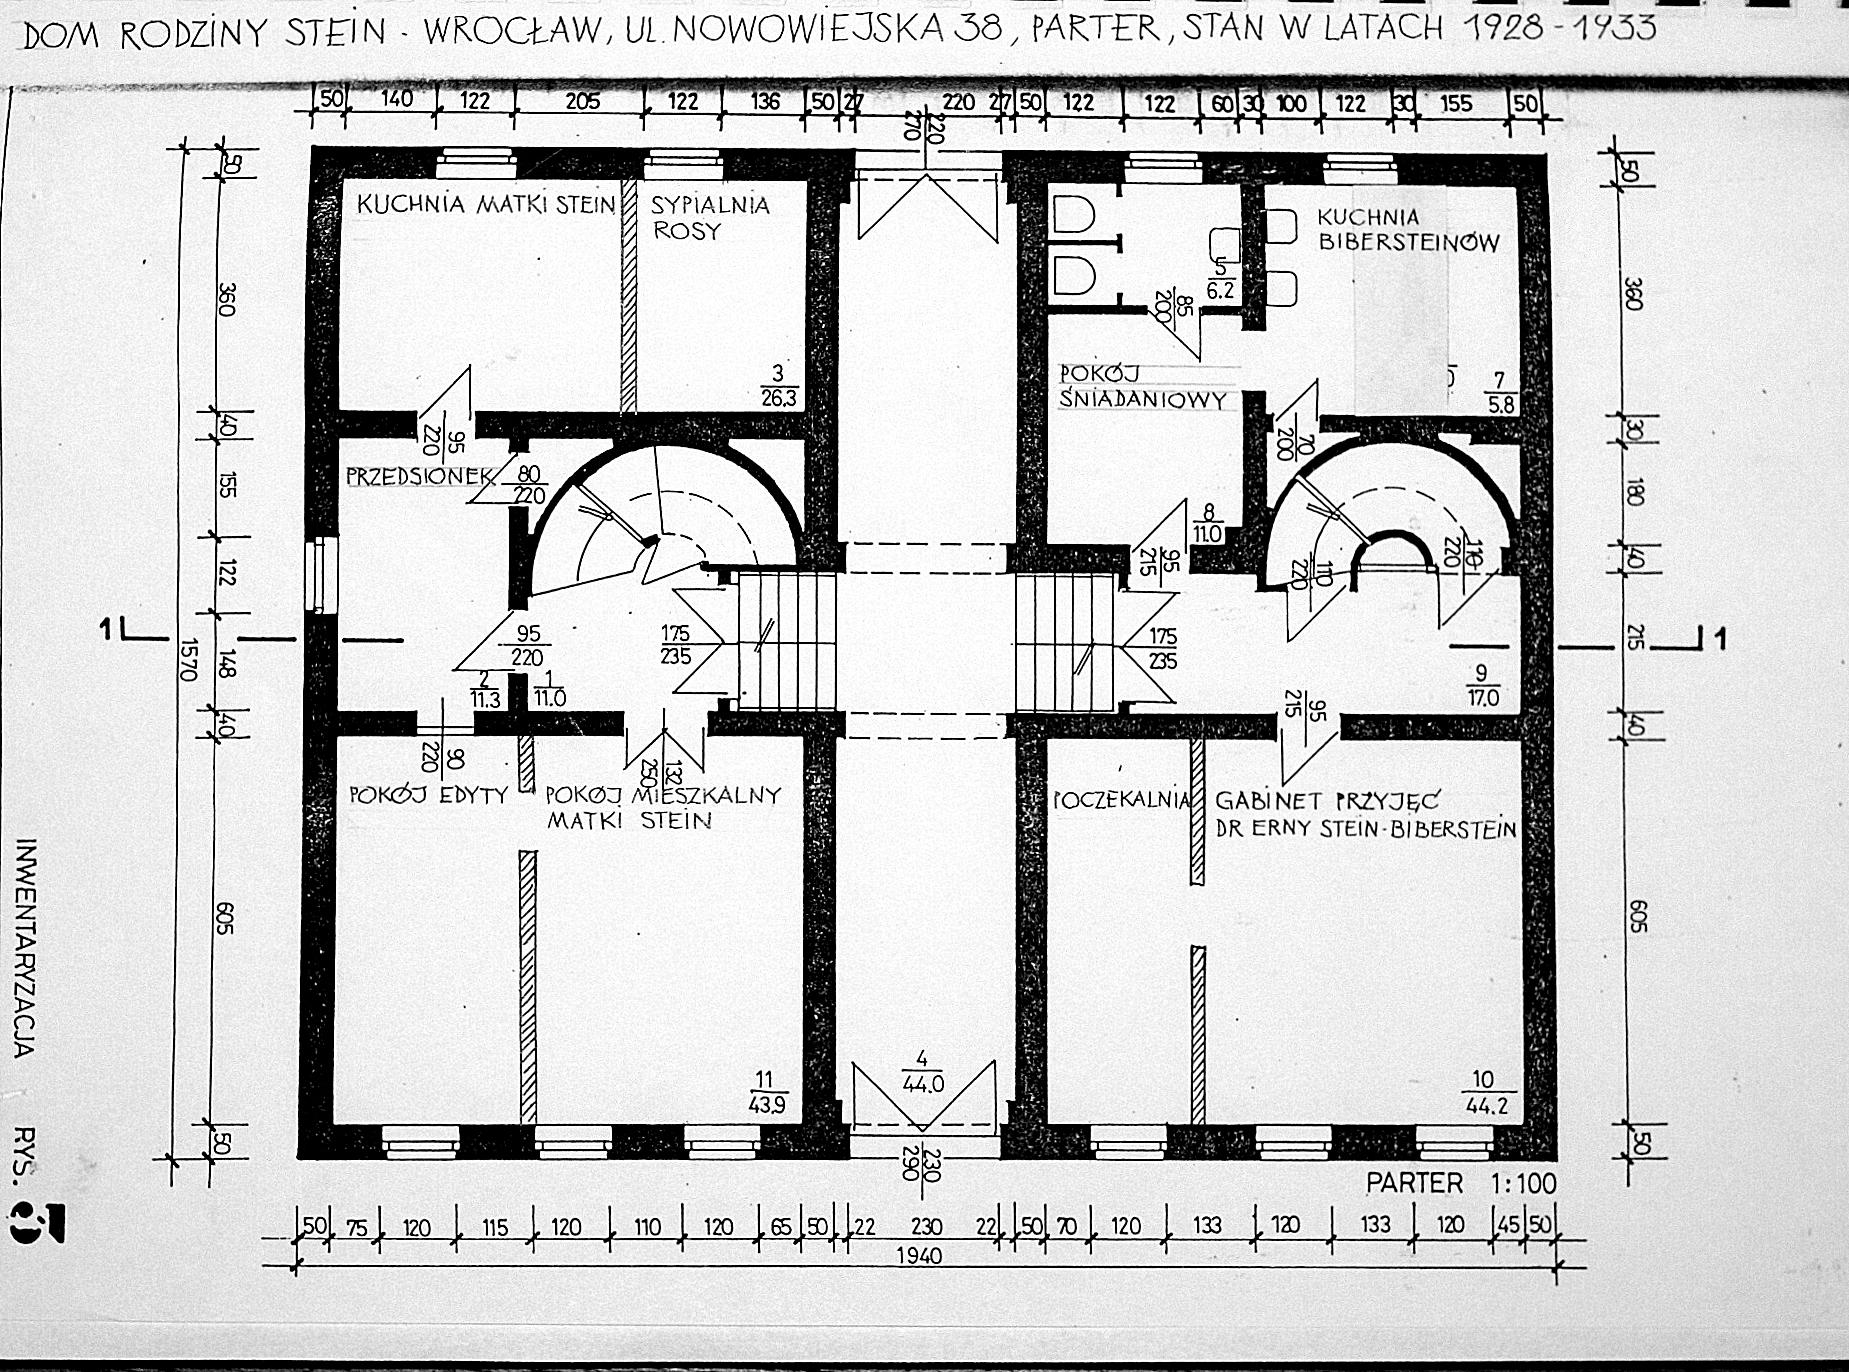 Plan domu Steinów przy Michaelisstrasse 38 weWrocławiu wlatach 1928-1933, parter, archiwum Towarzystwa im.Edyty Stein weWrocławiu.